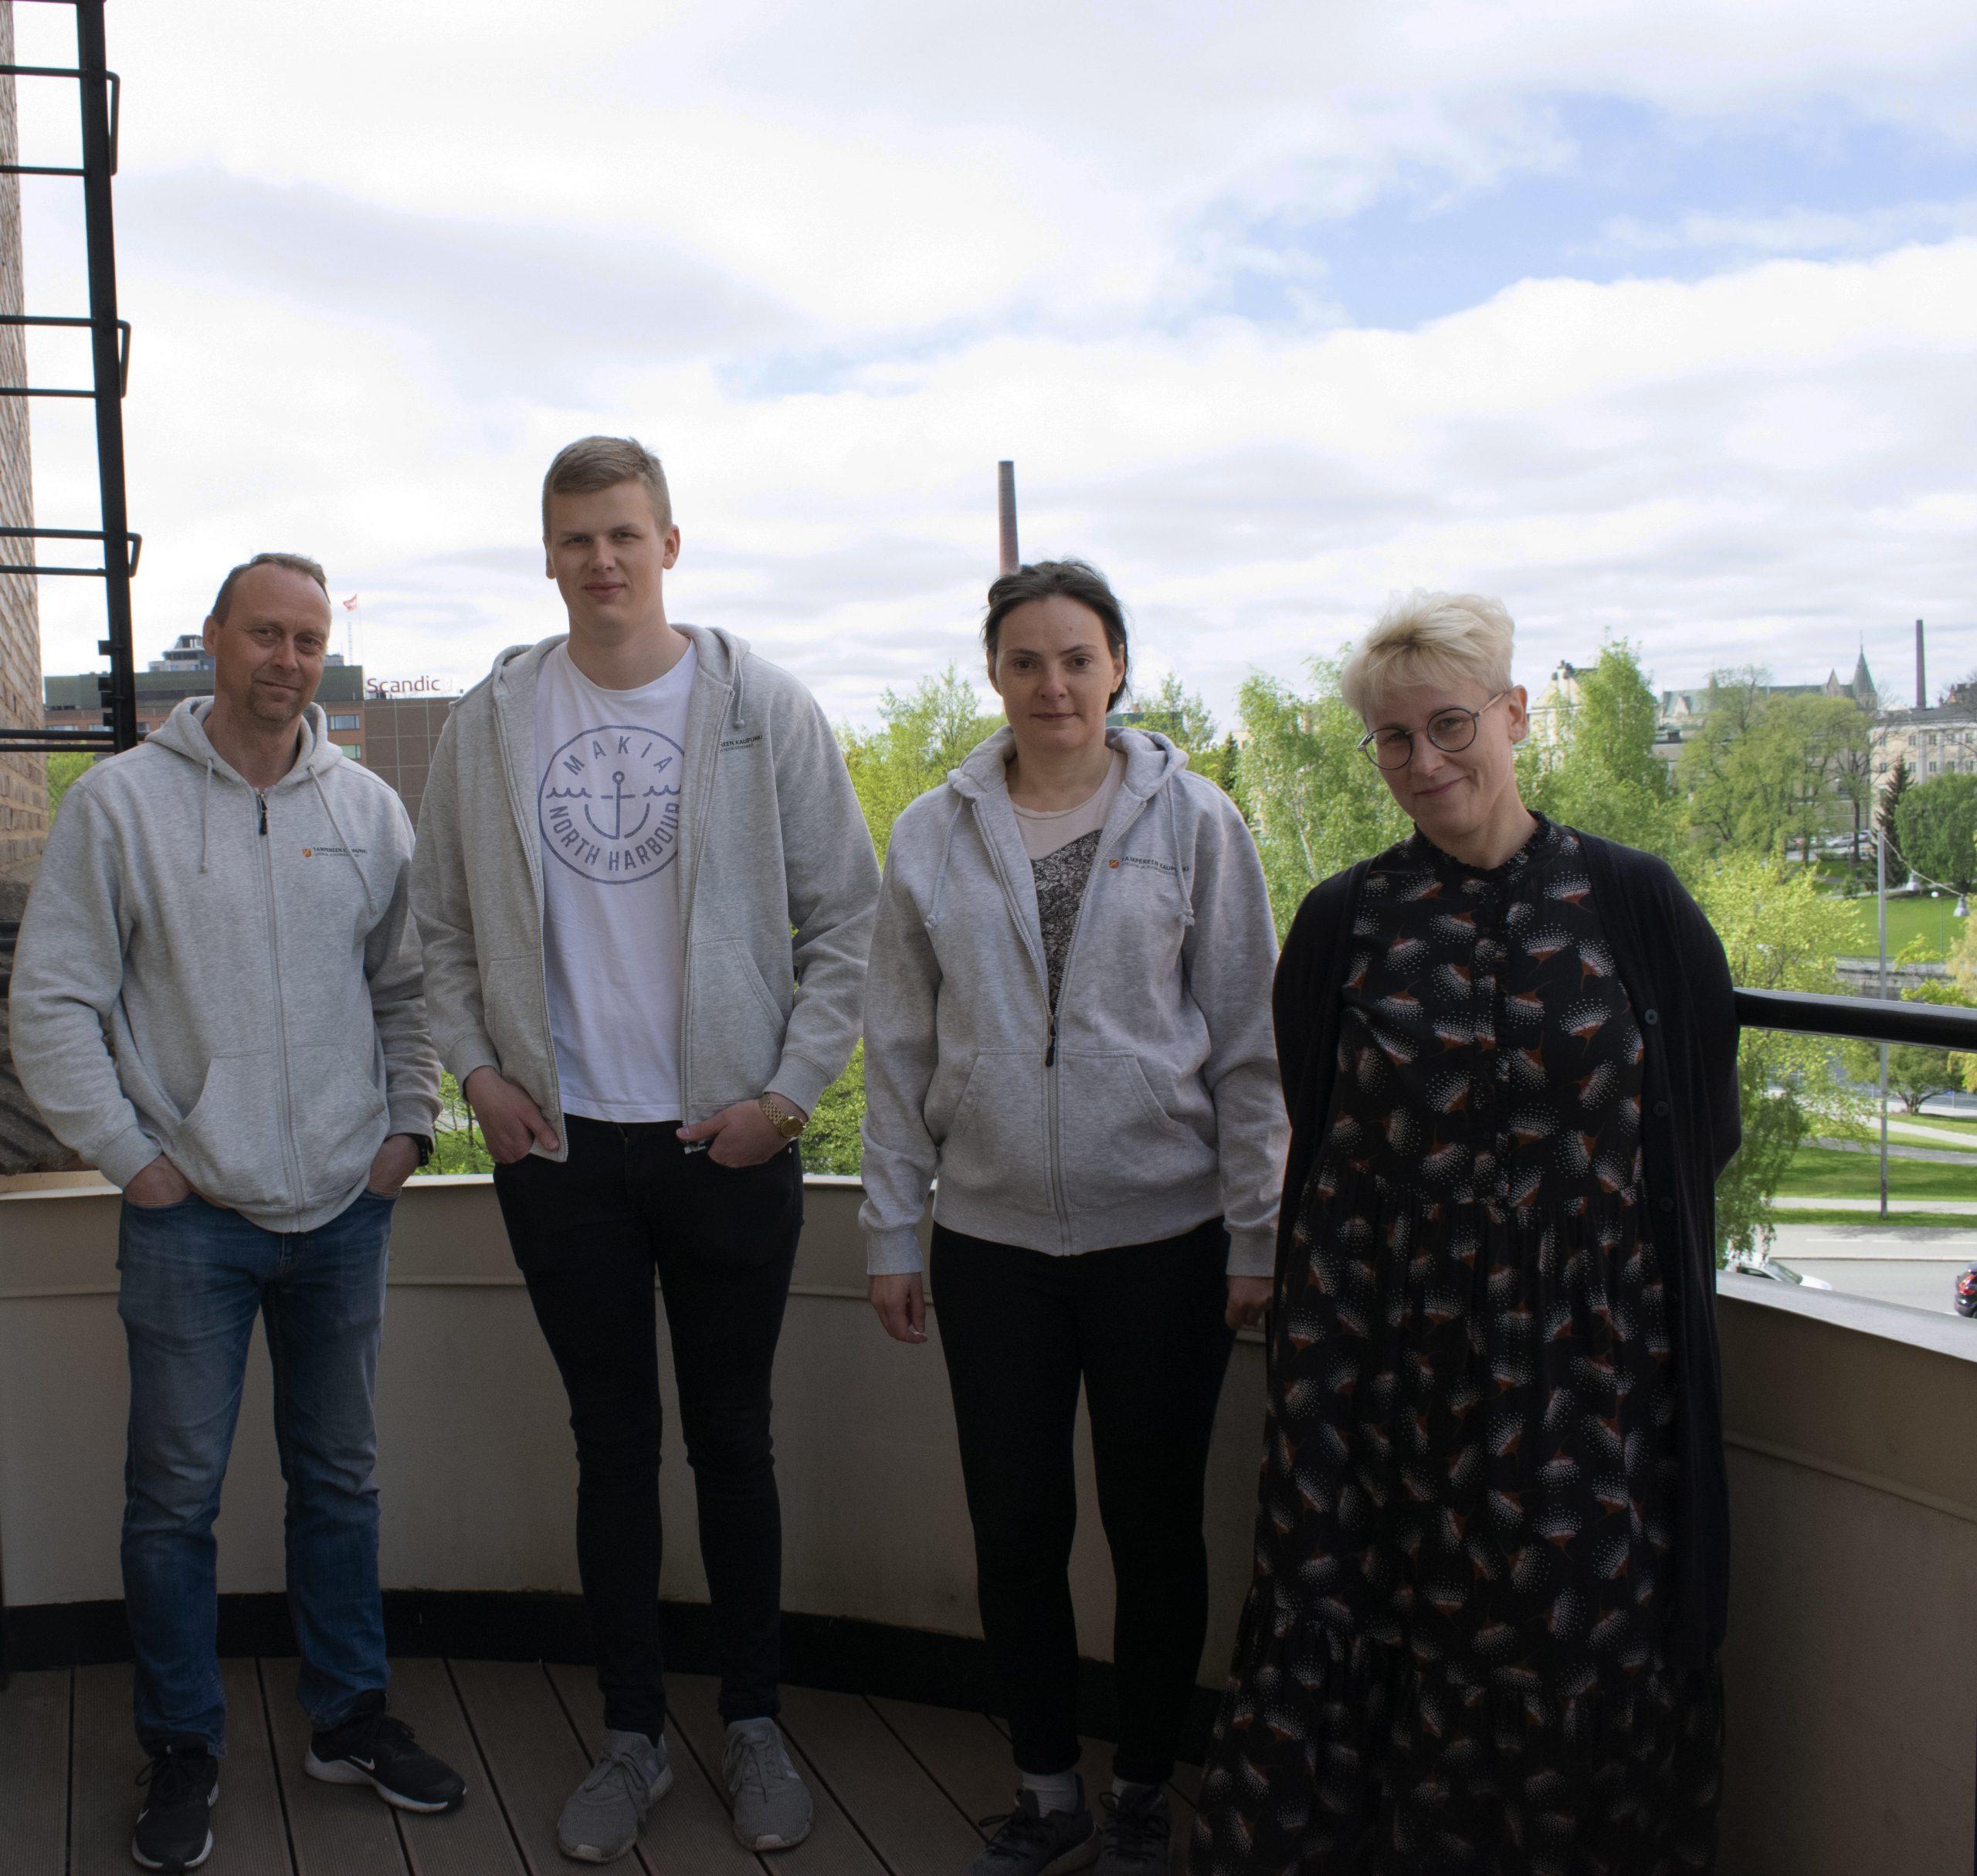 Neljä ihmistä seisoo vierekkäin parvekkeella, taustalla kaupunkimaisema.